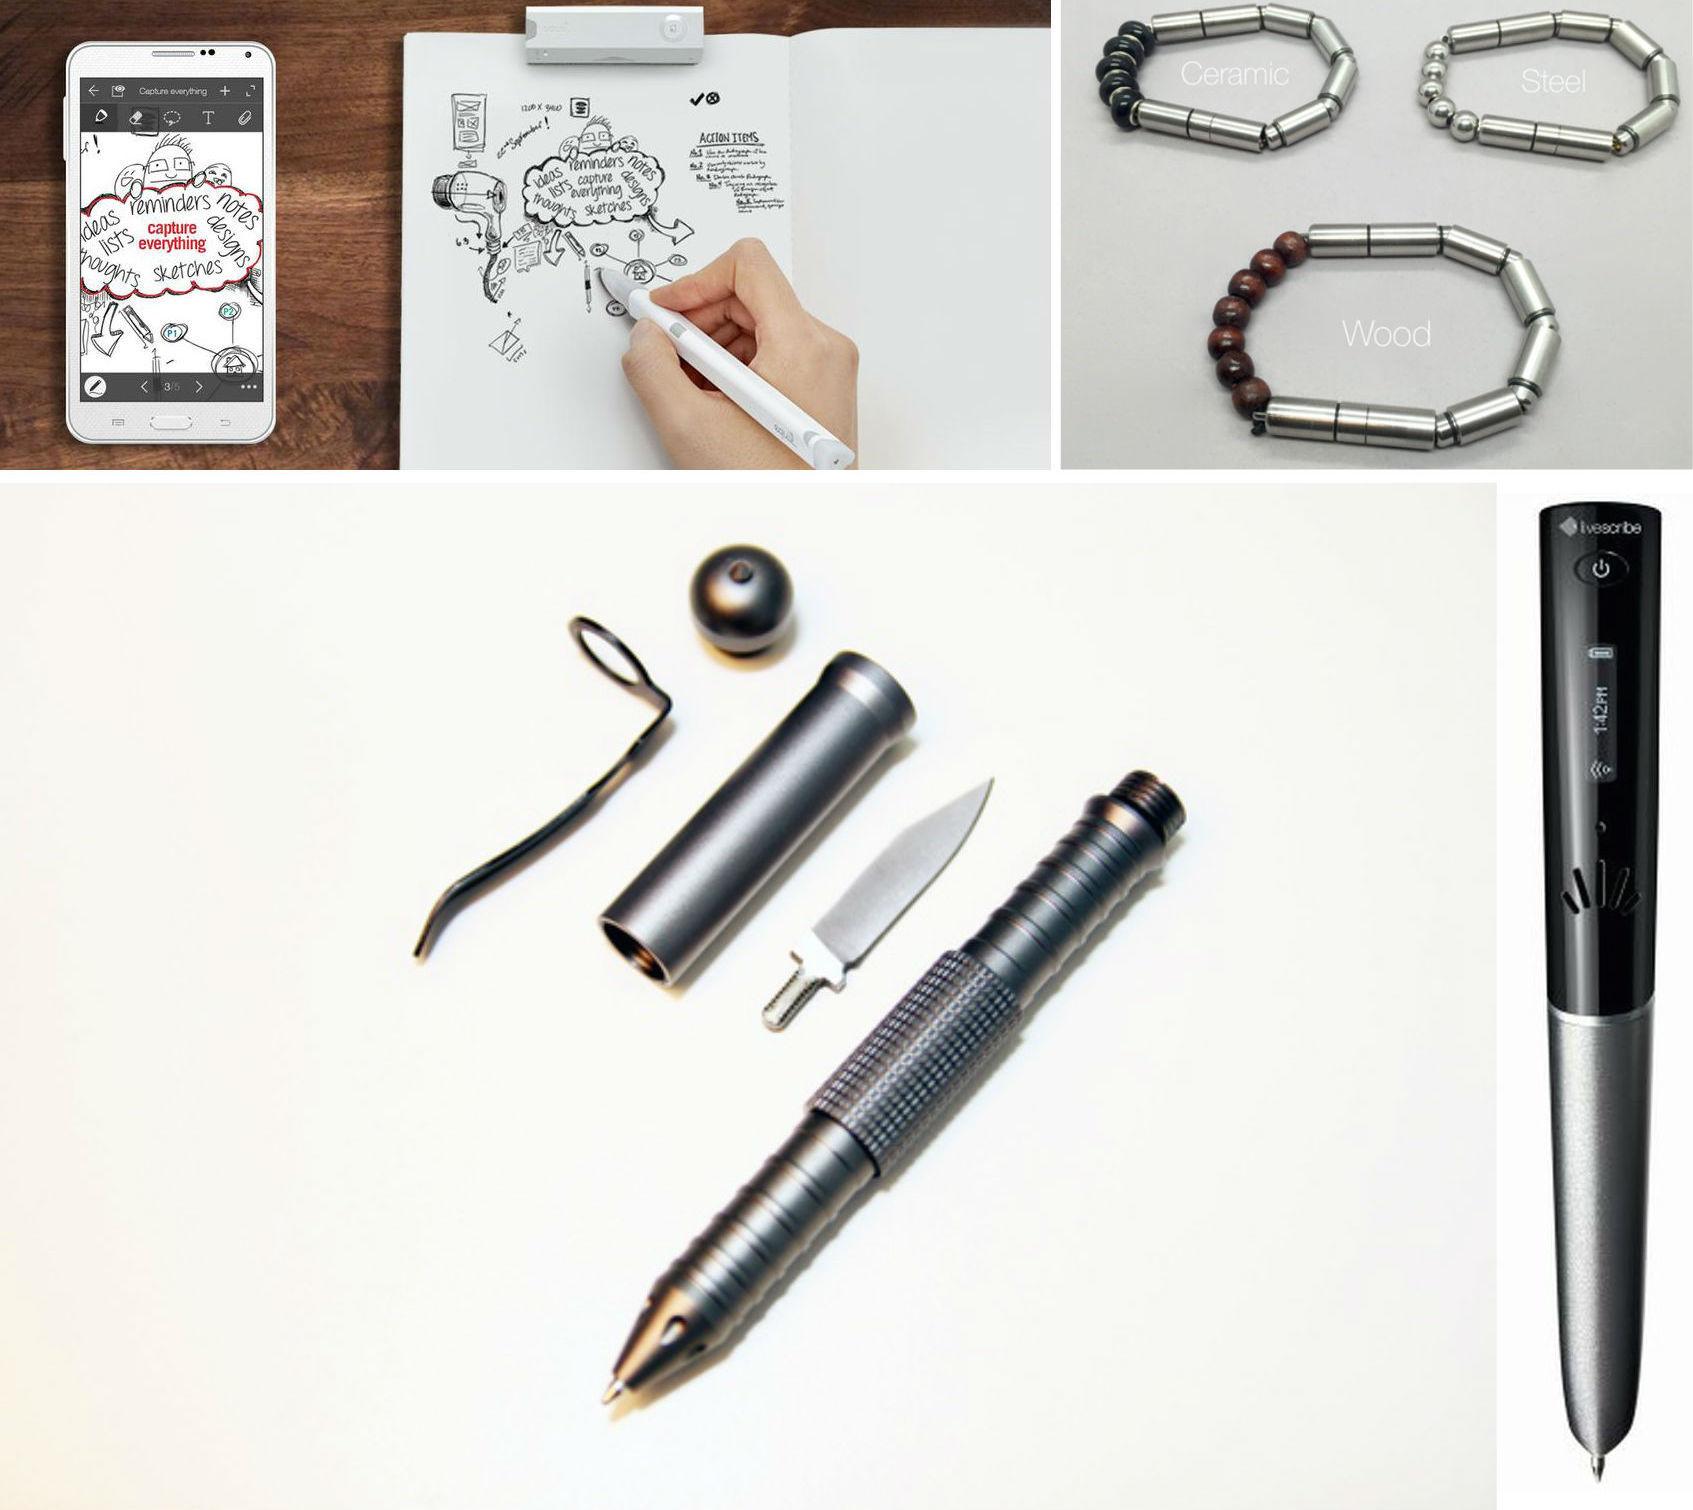 Необычные ручки: подборка умных и не очень пишущих предметов - 1